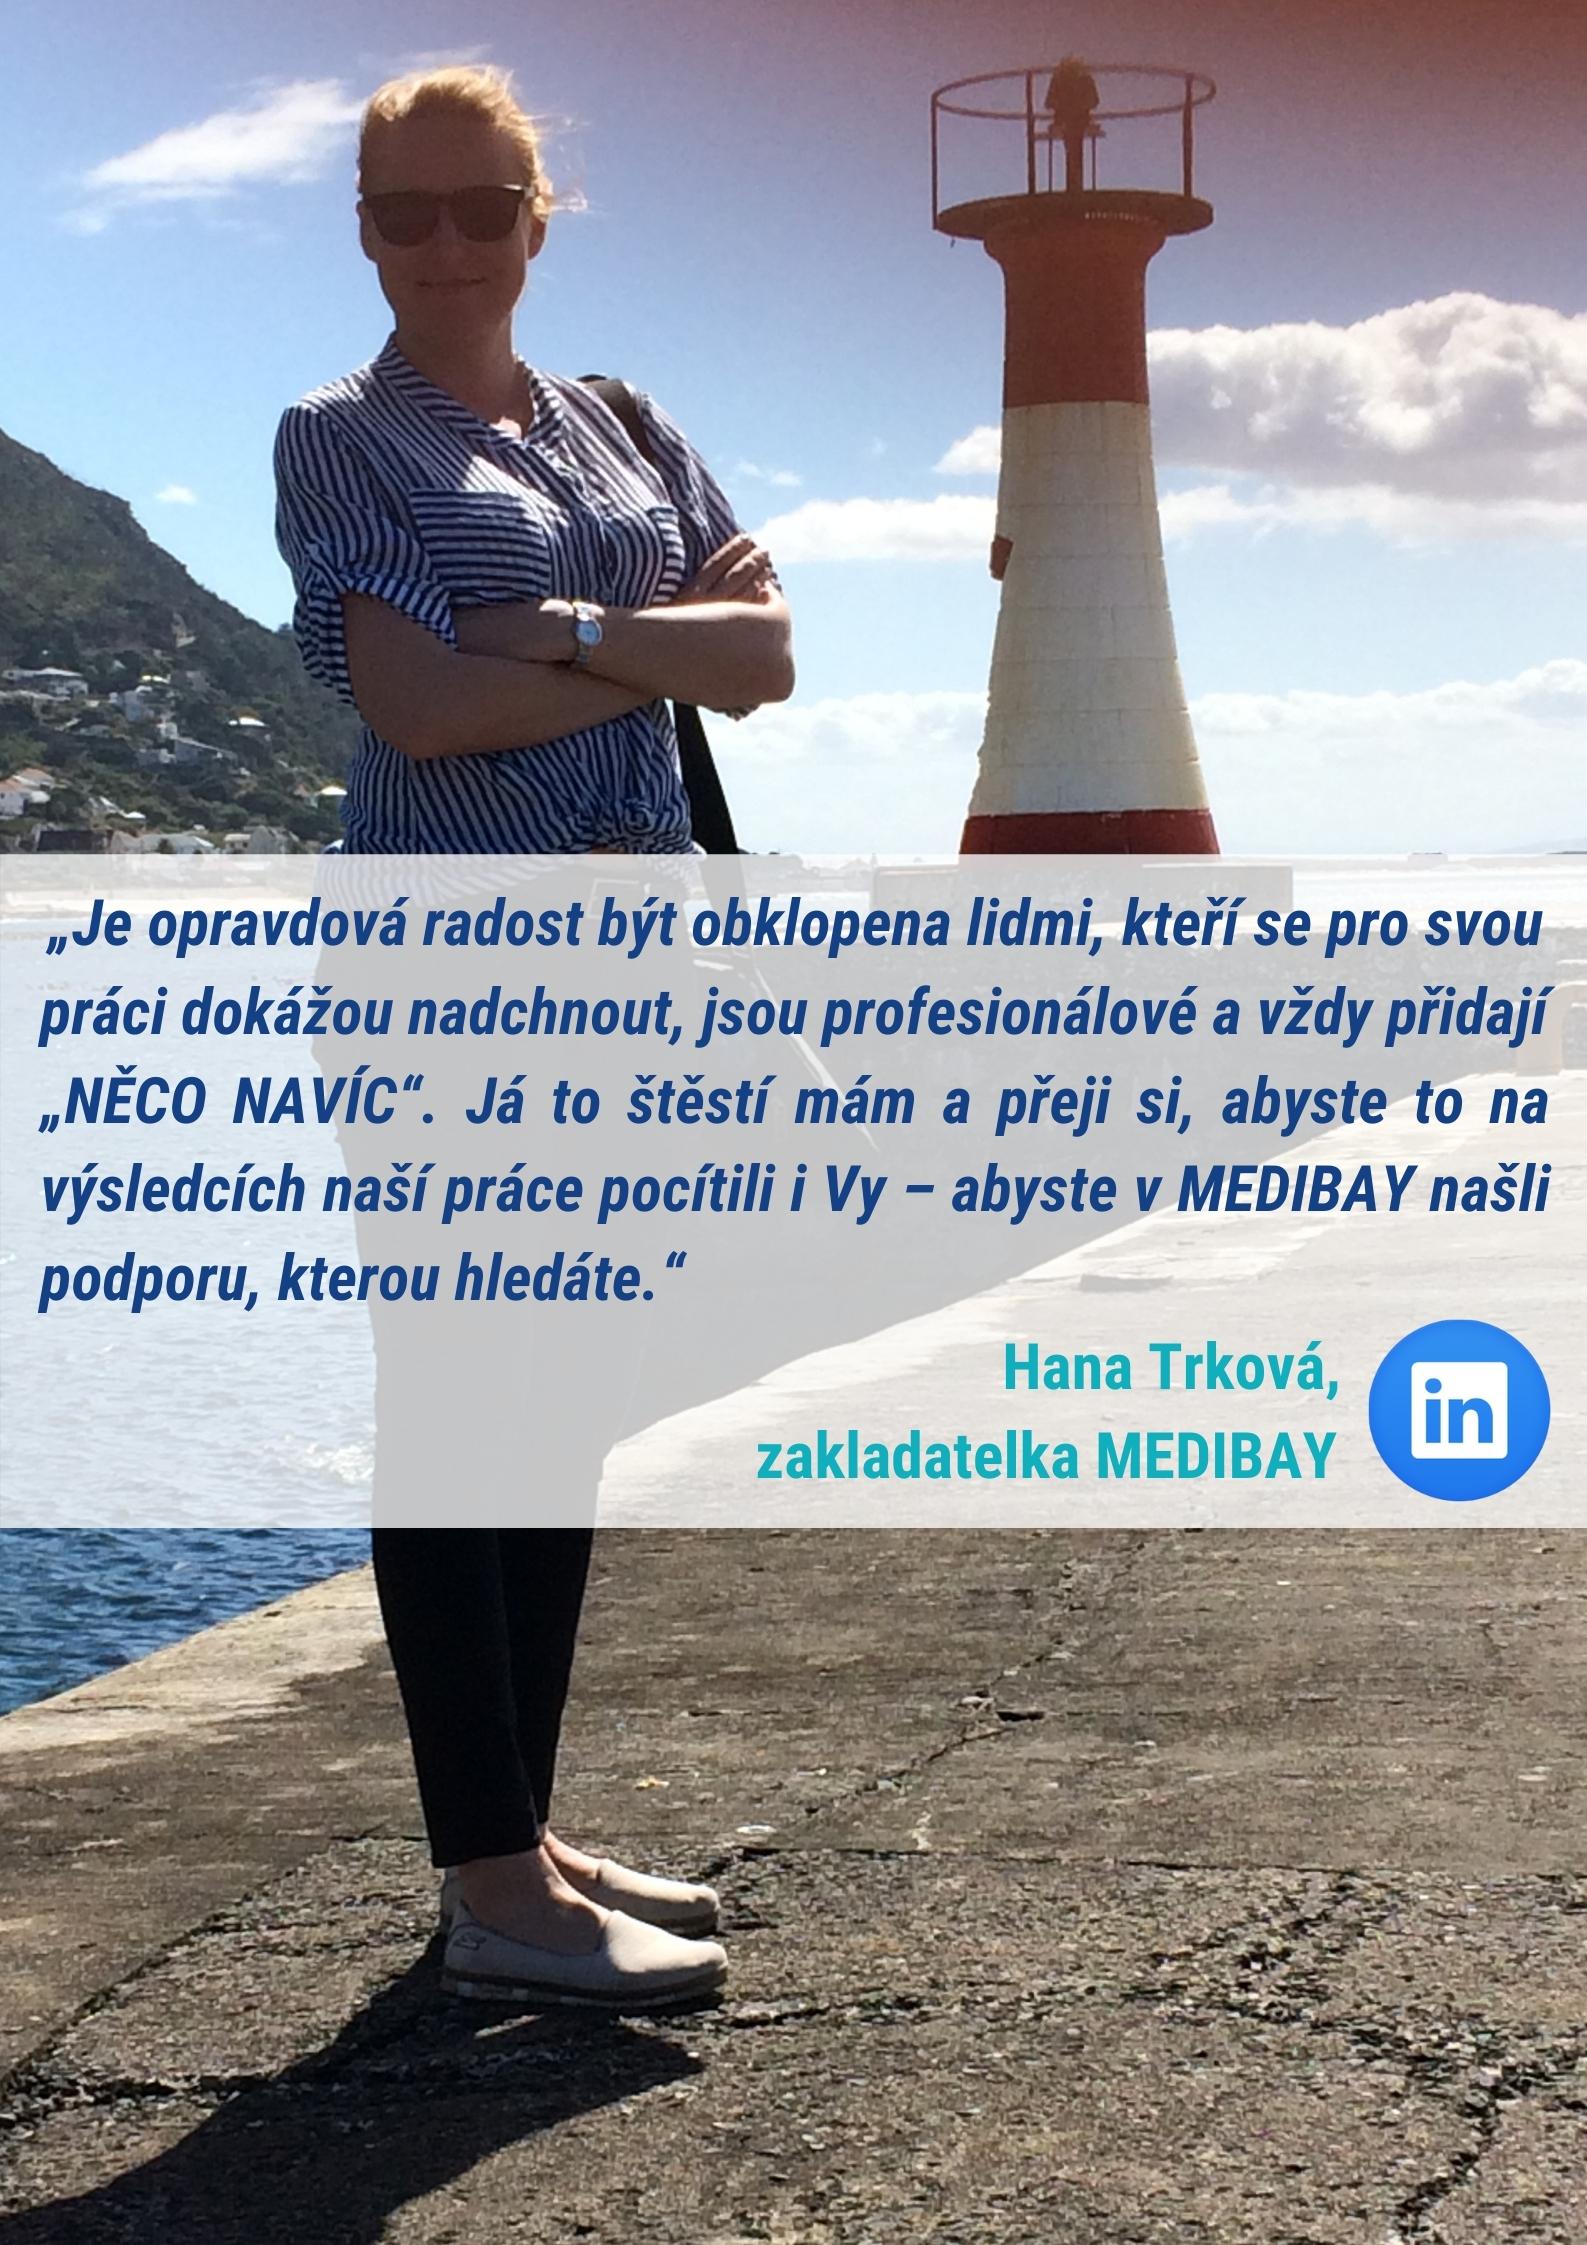 Hana Trková